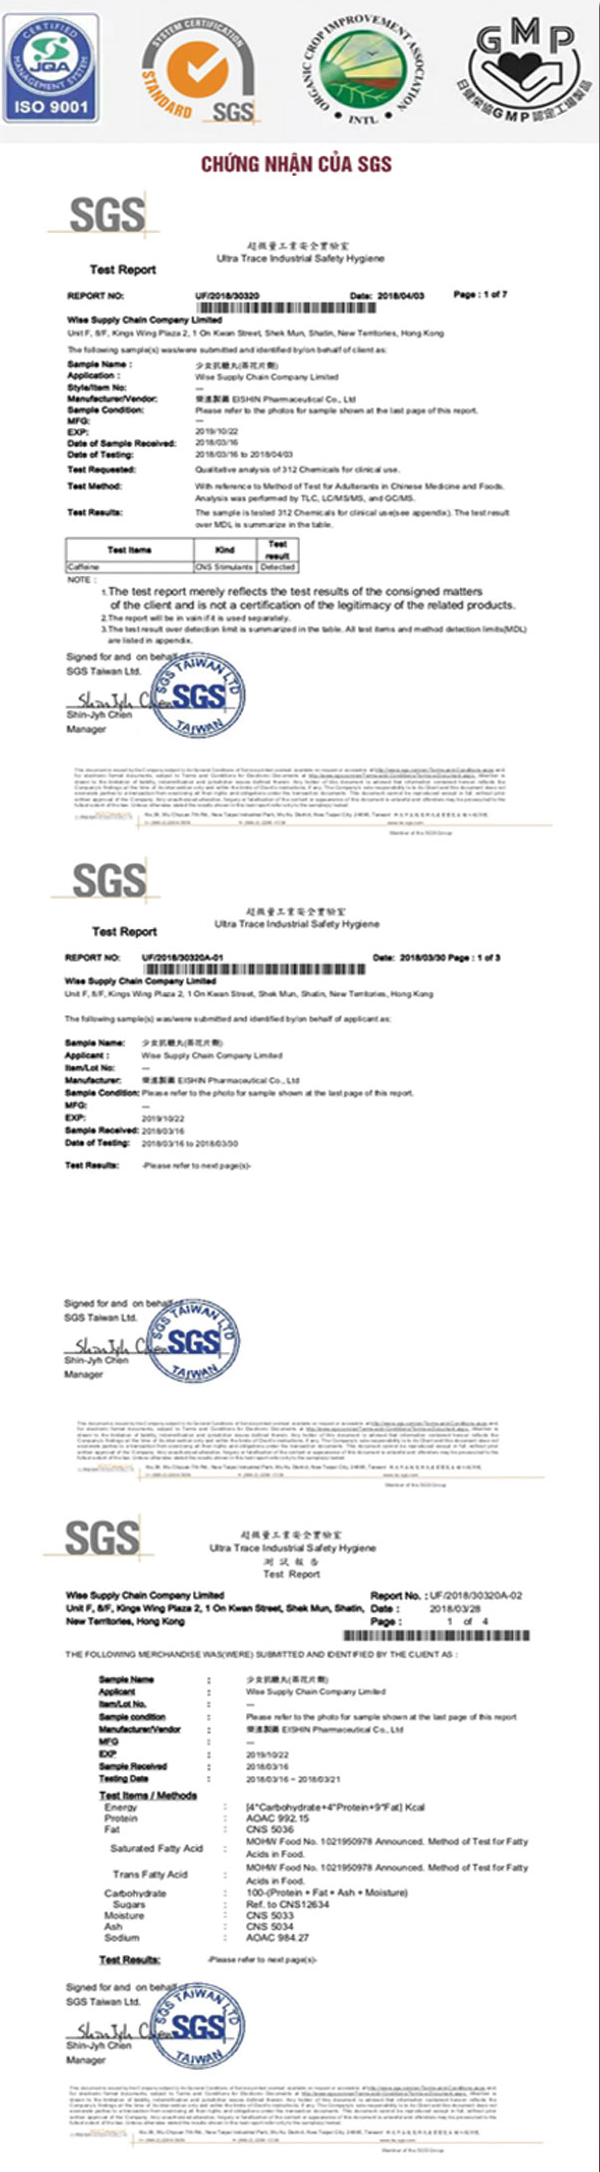 Sản phẩm được hiệp hội OCIA và các tổ chức an toàn dược phẩm chứng nhận